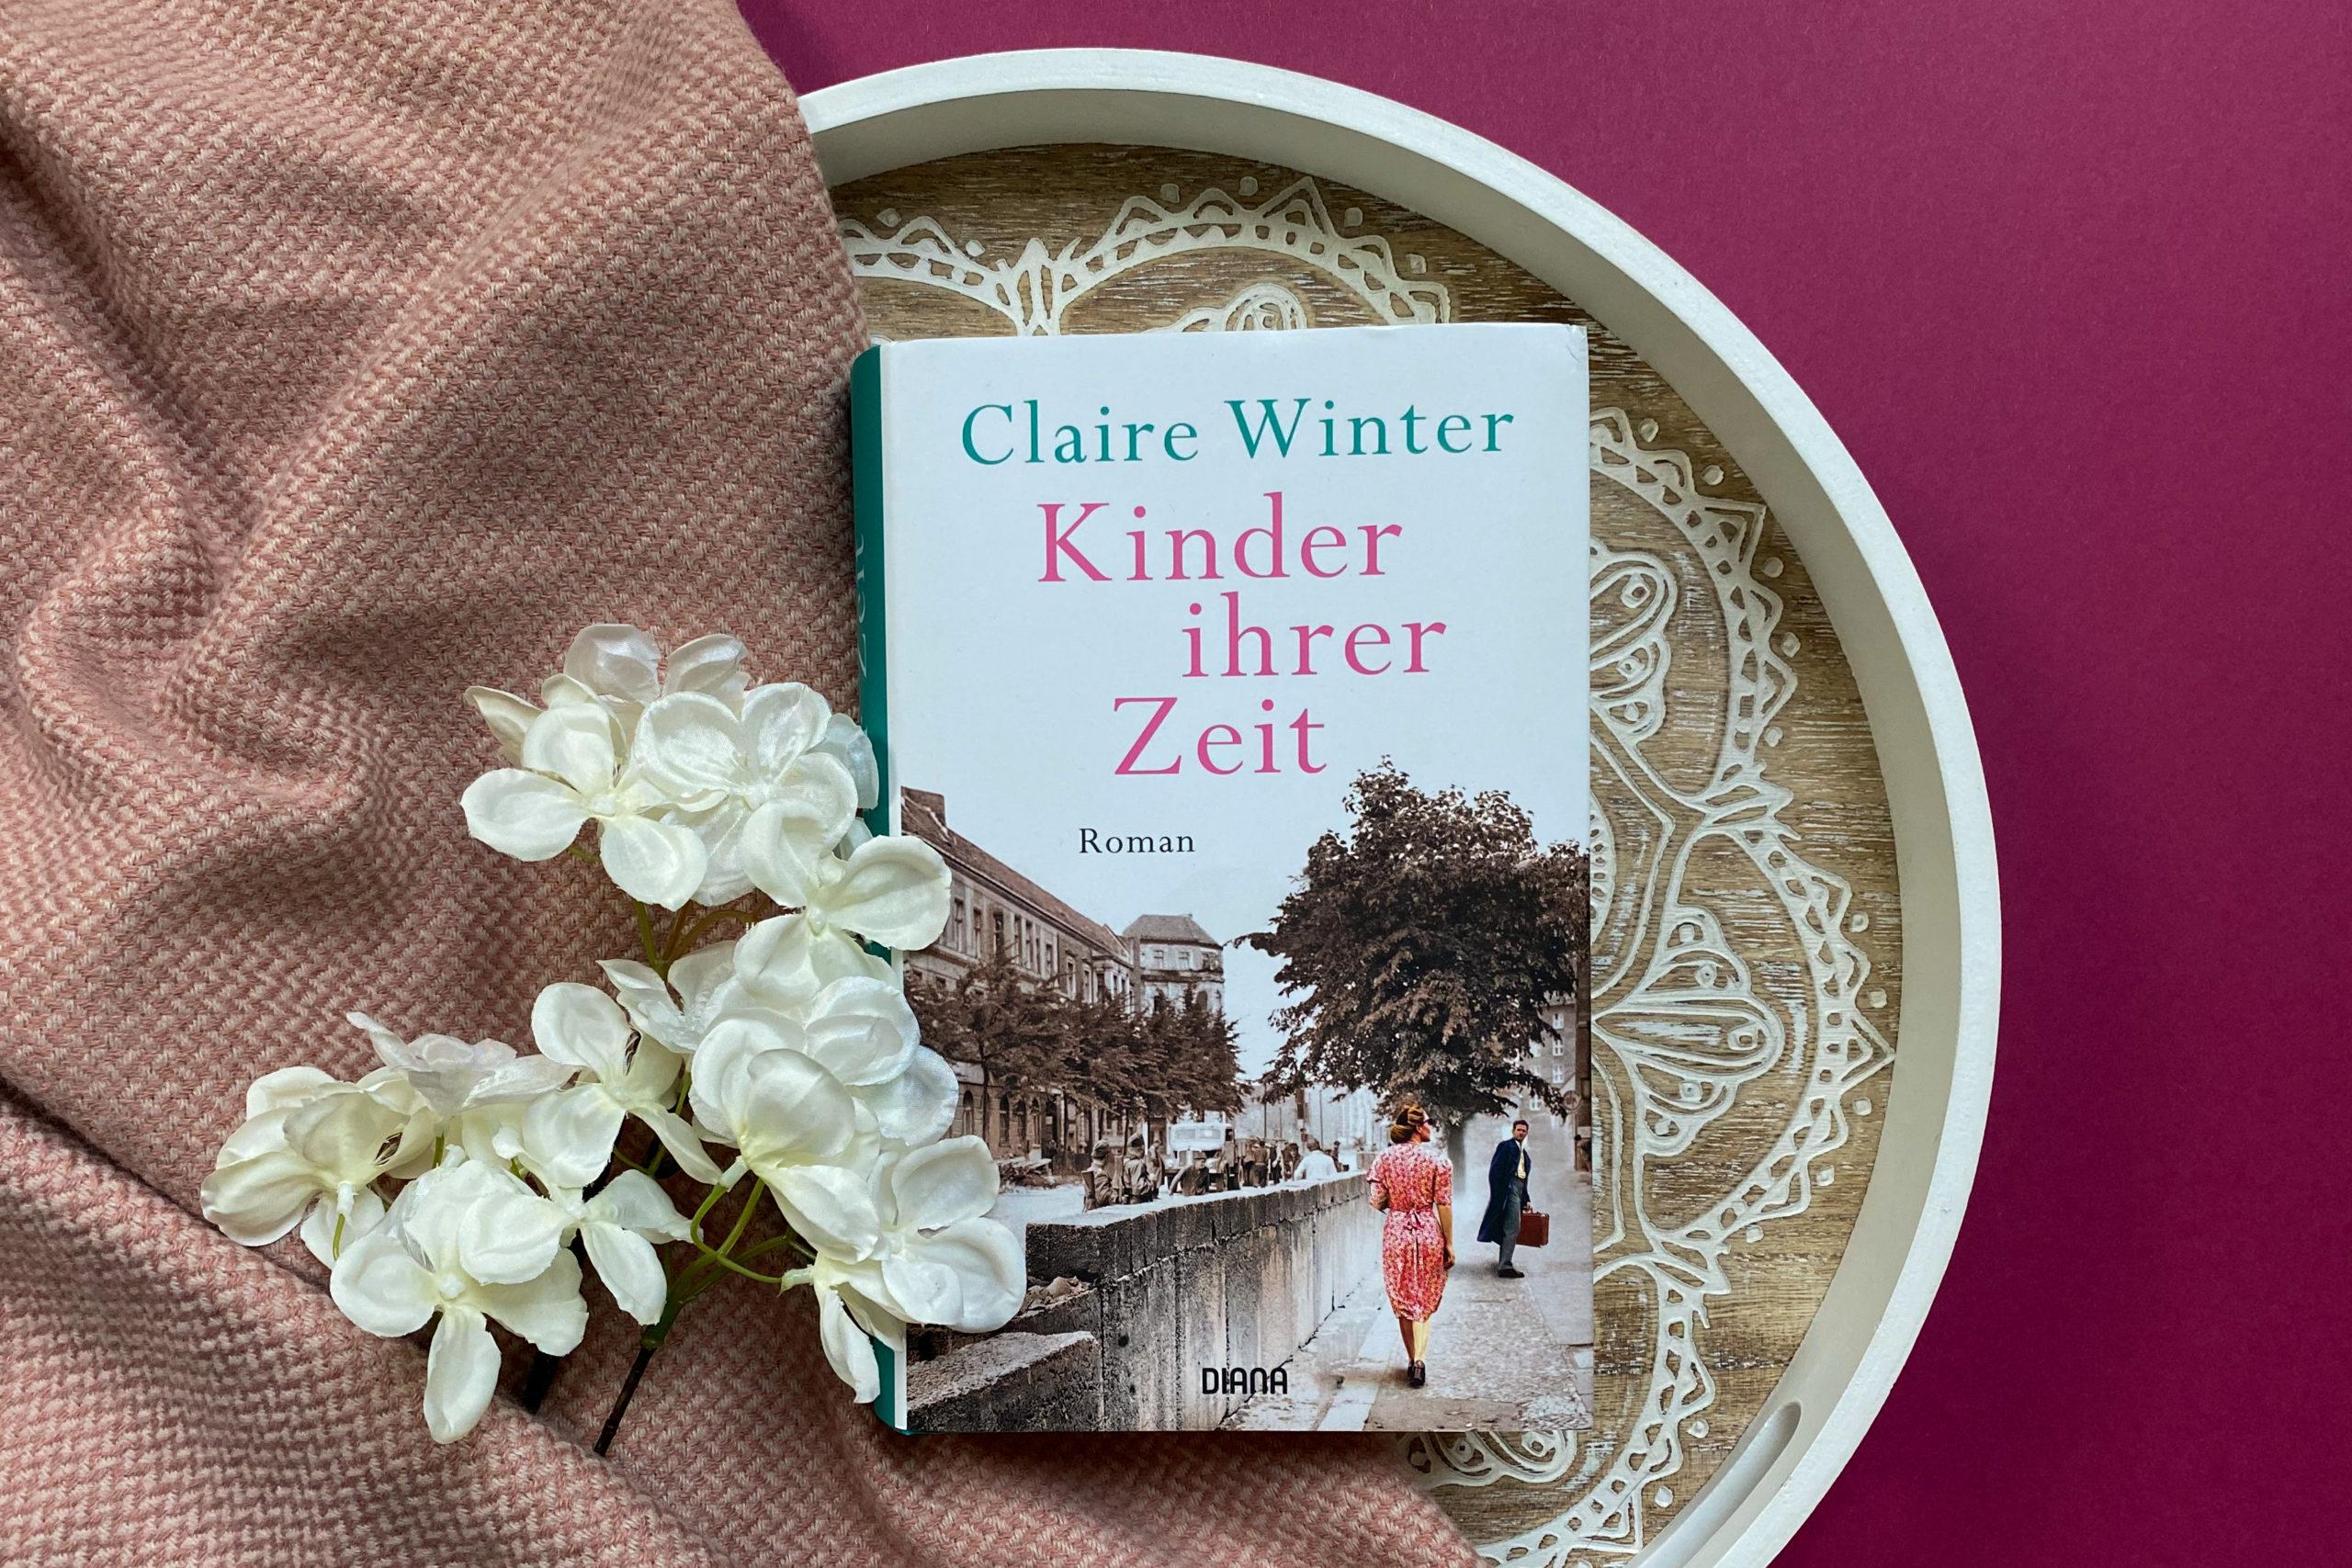 Claire Winter Kinder ihrer Zeit